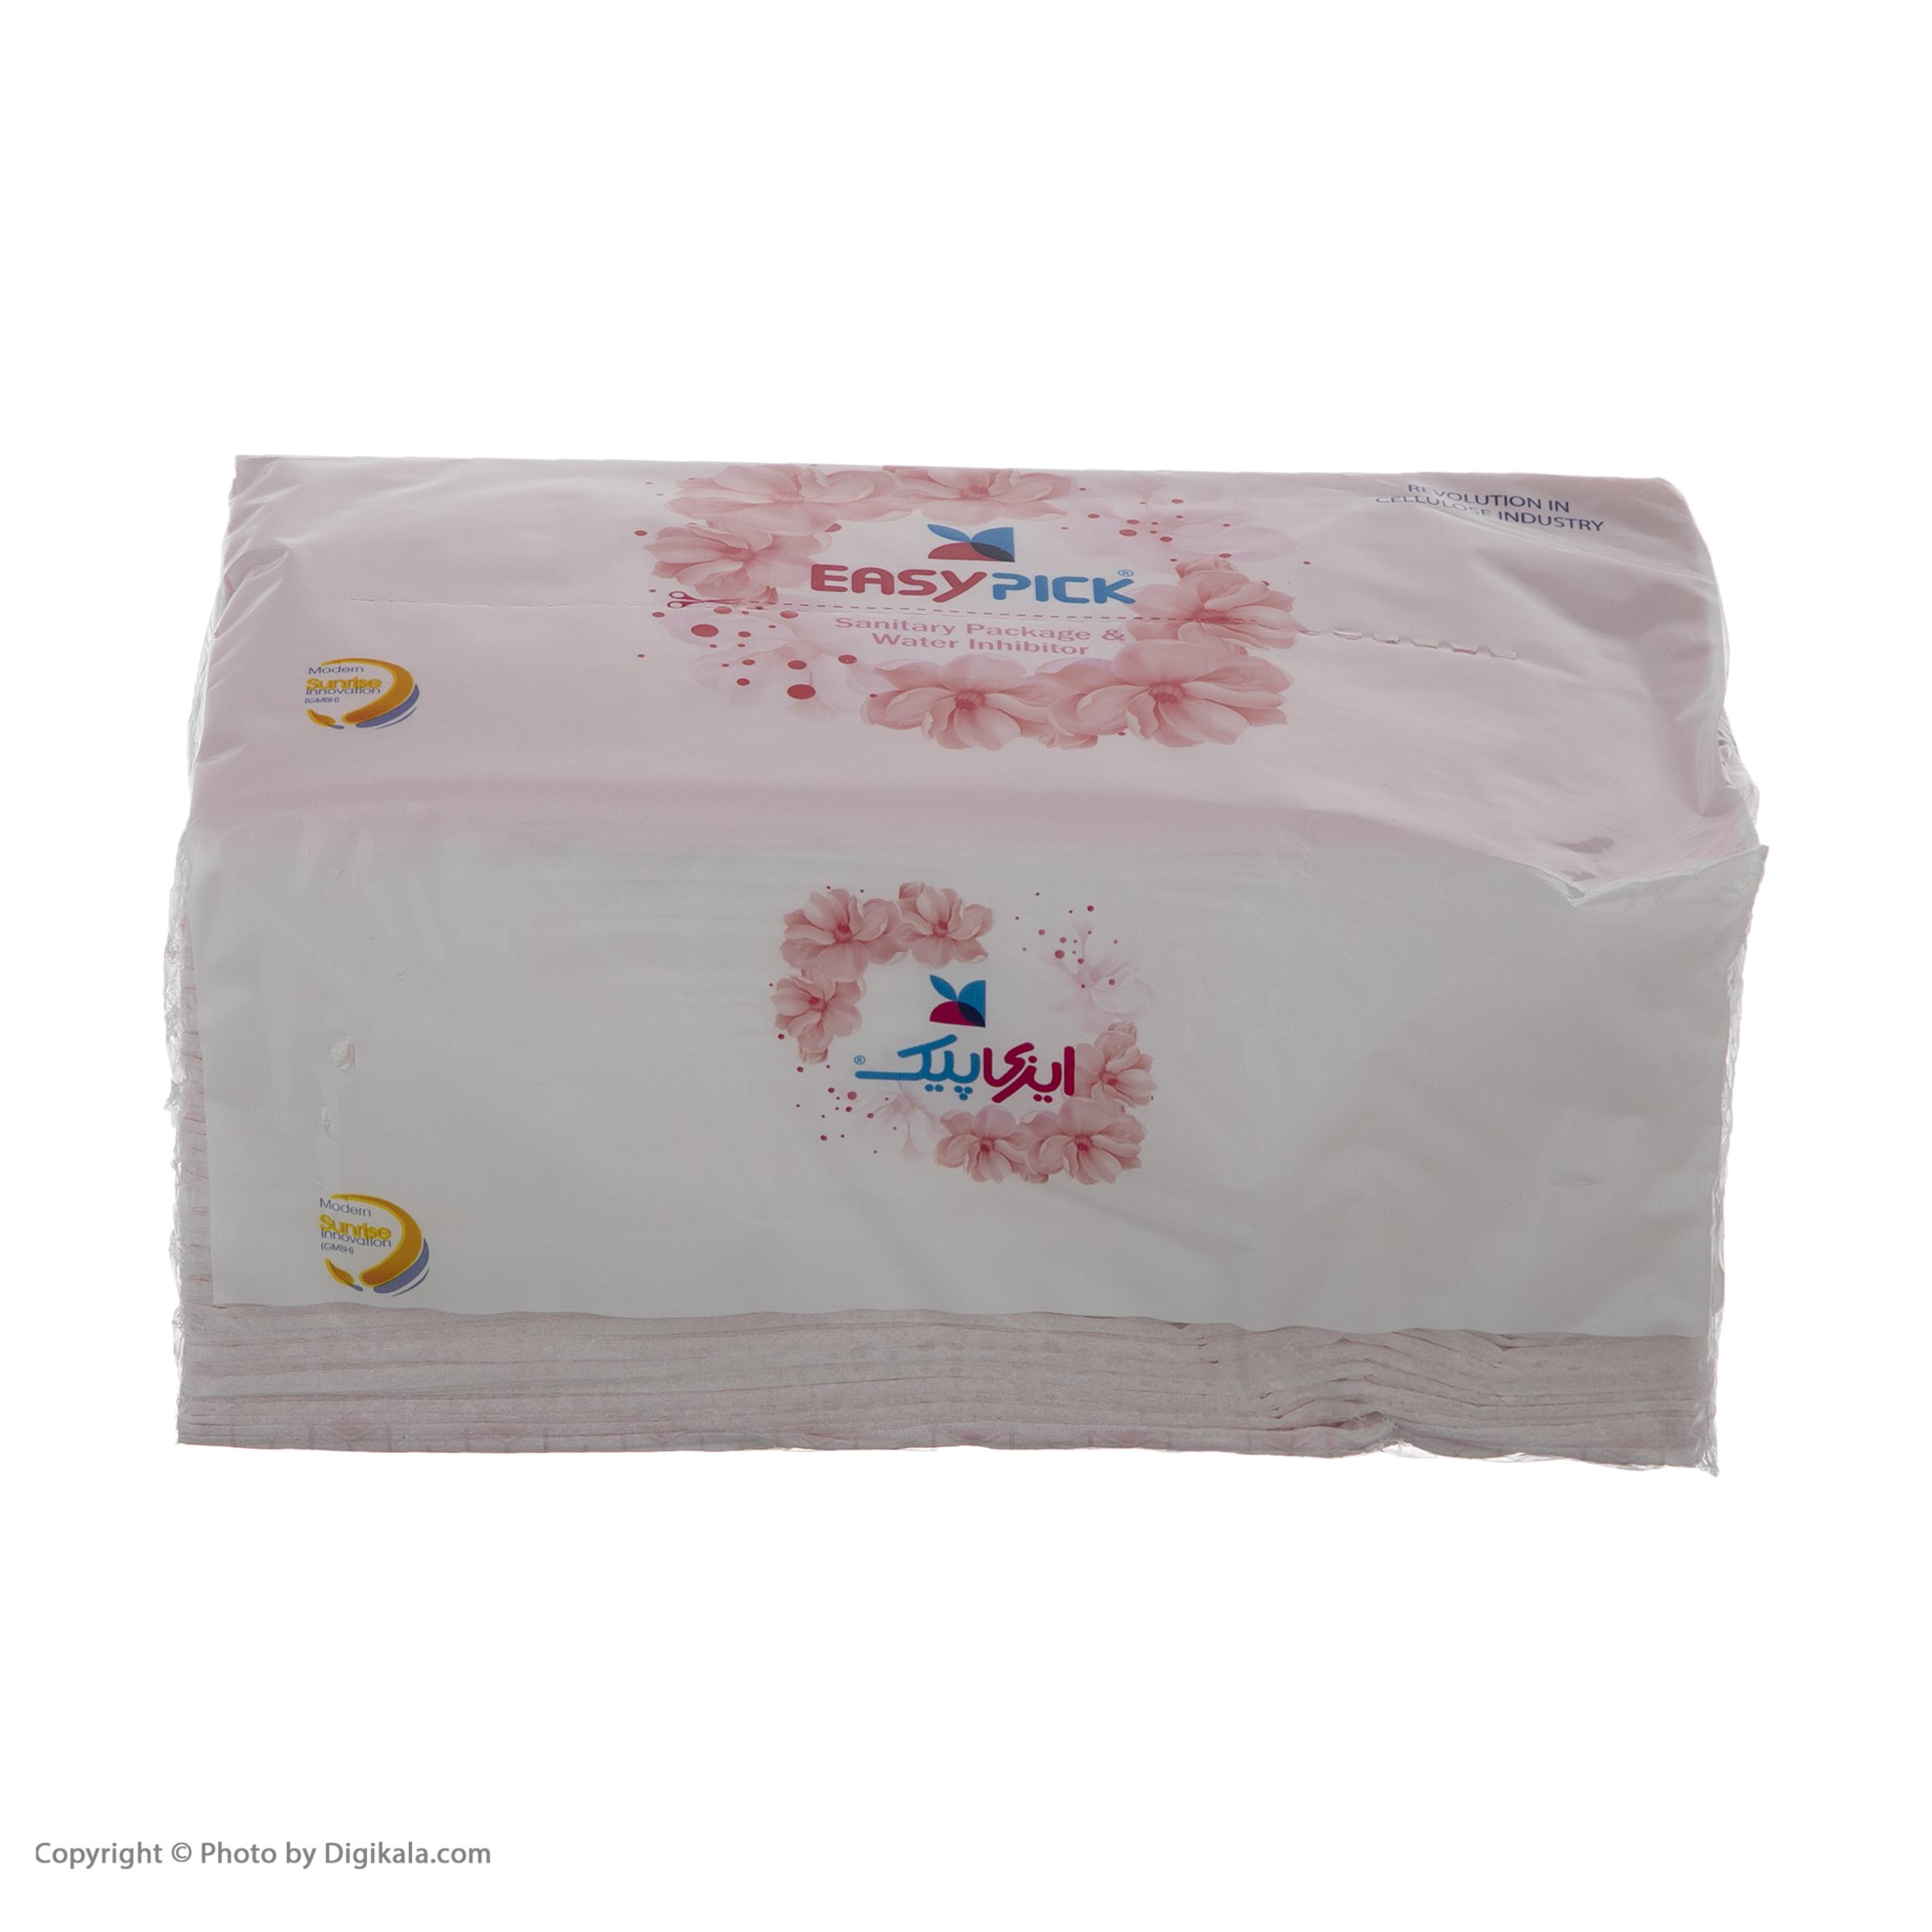 دستمال کاغذی 150 برگ ایزی پیک مدل Luxury بسته 6 عددی main 1 2